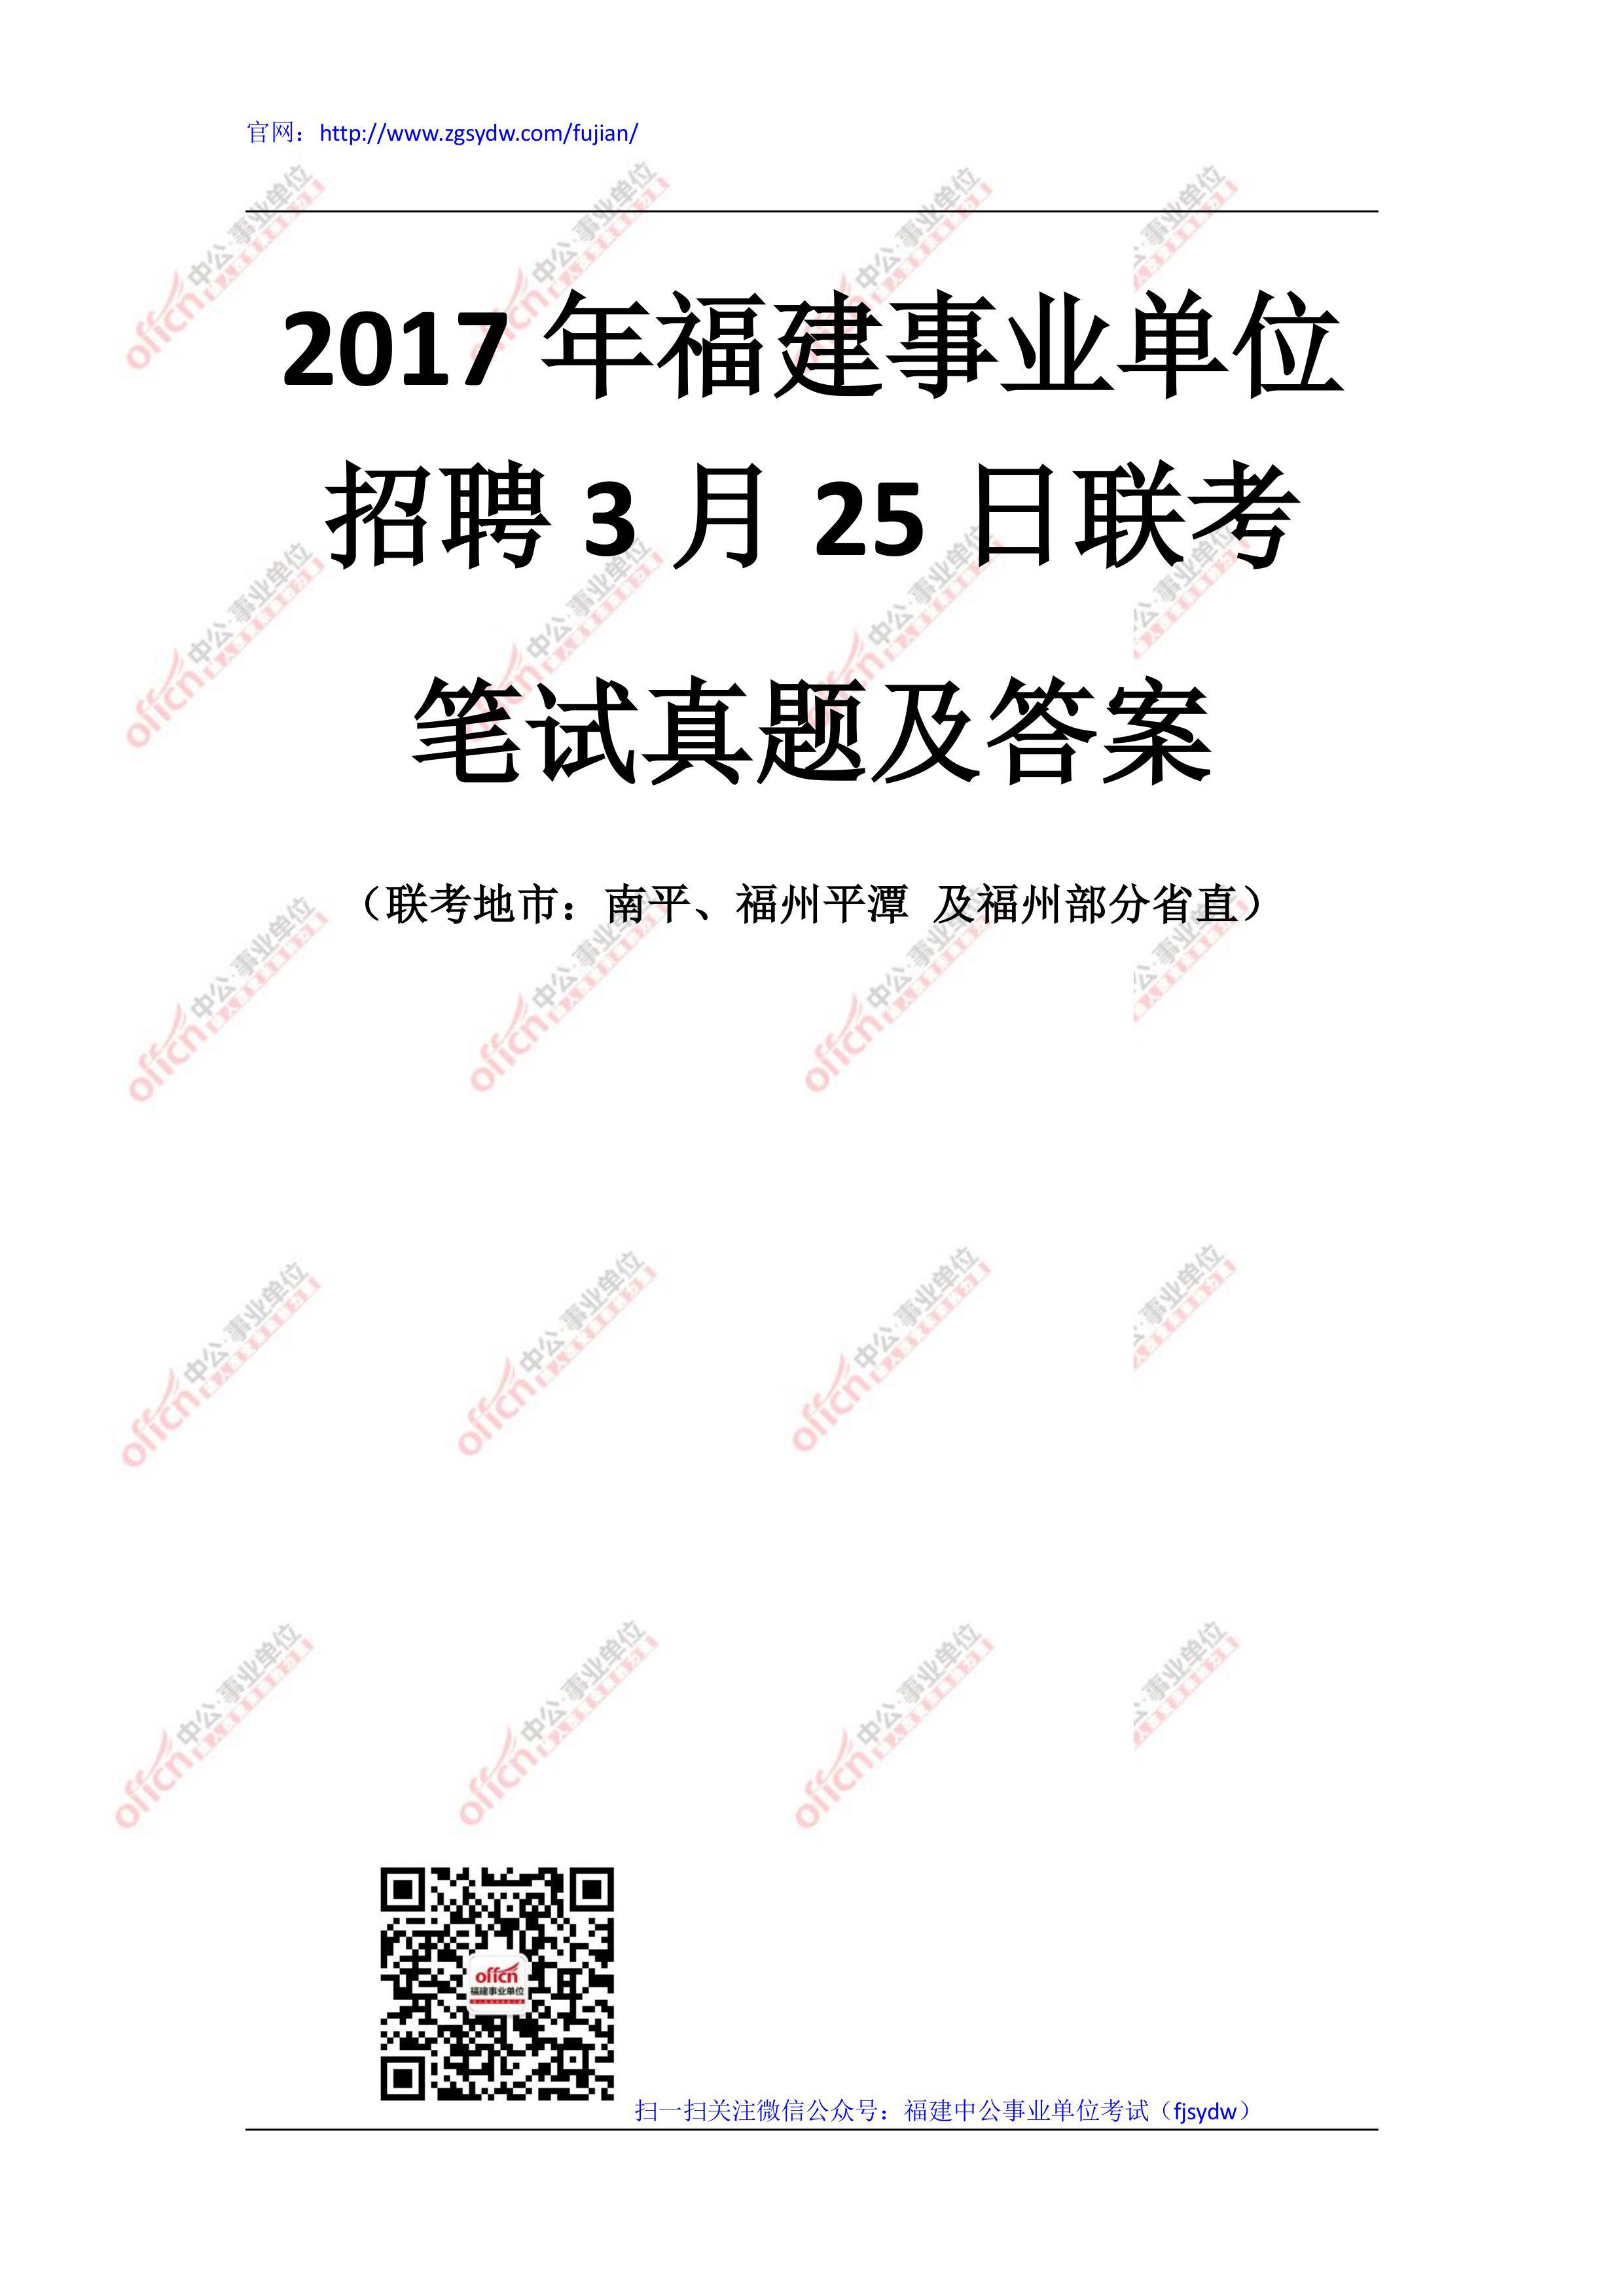 2017年福建事业单位招聘及答案(3月25日联考)